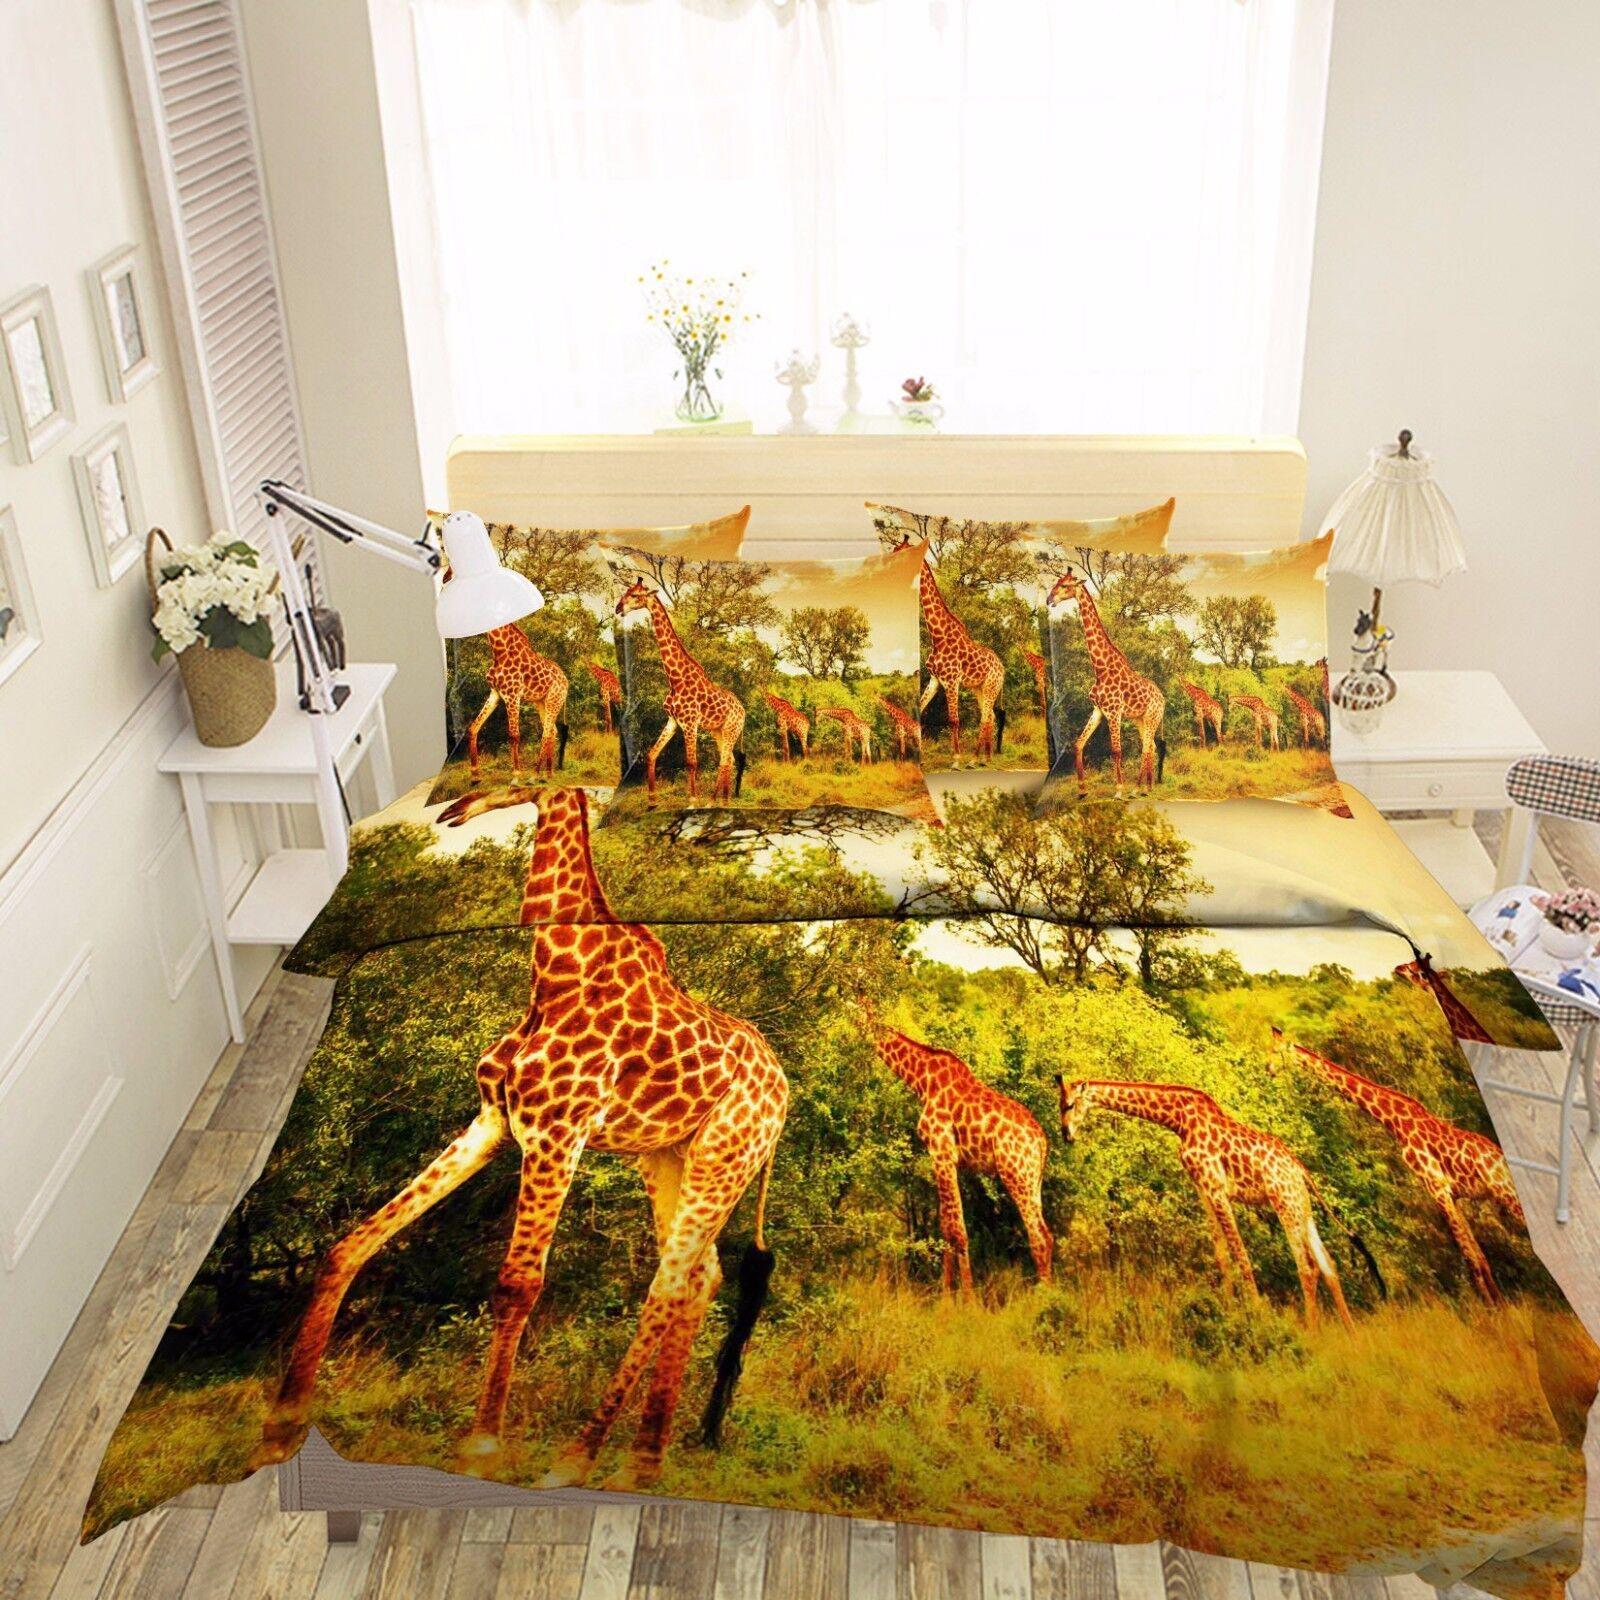 3D Forest Giraffe Groups 5 Bed Pillowcases Quilt Duvet Cover Set Single Queen CA